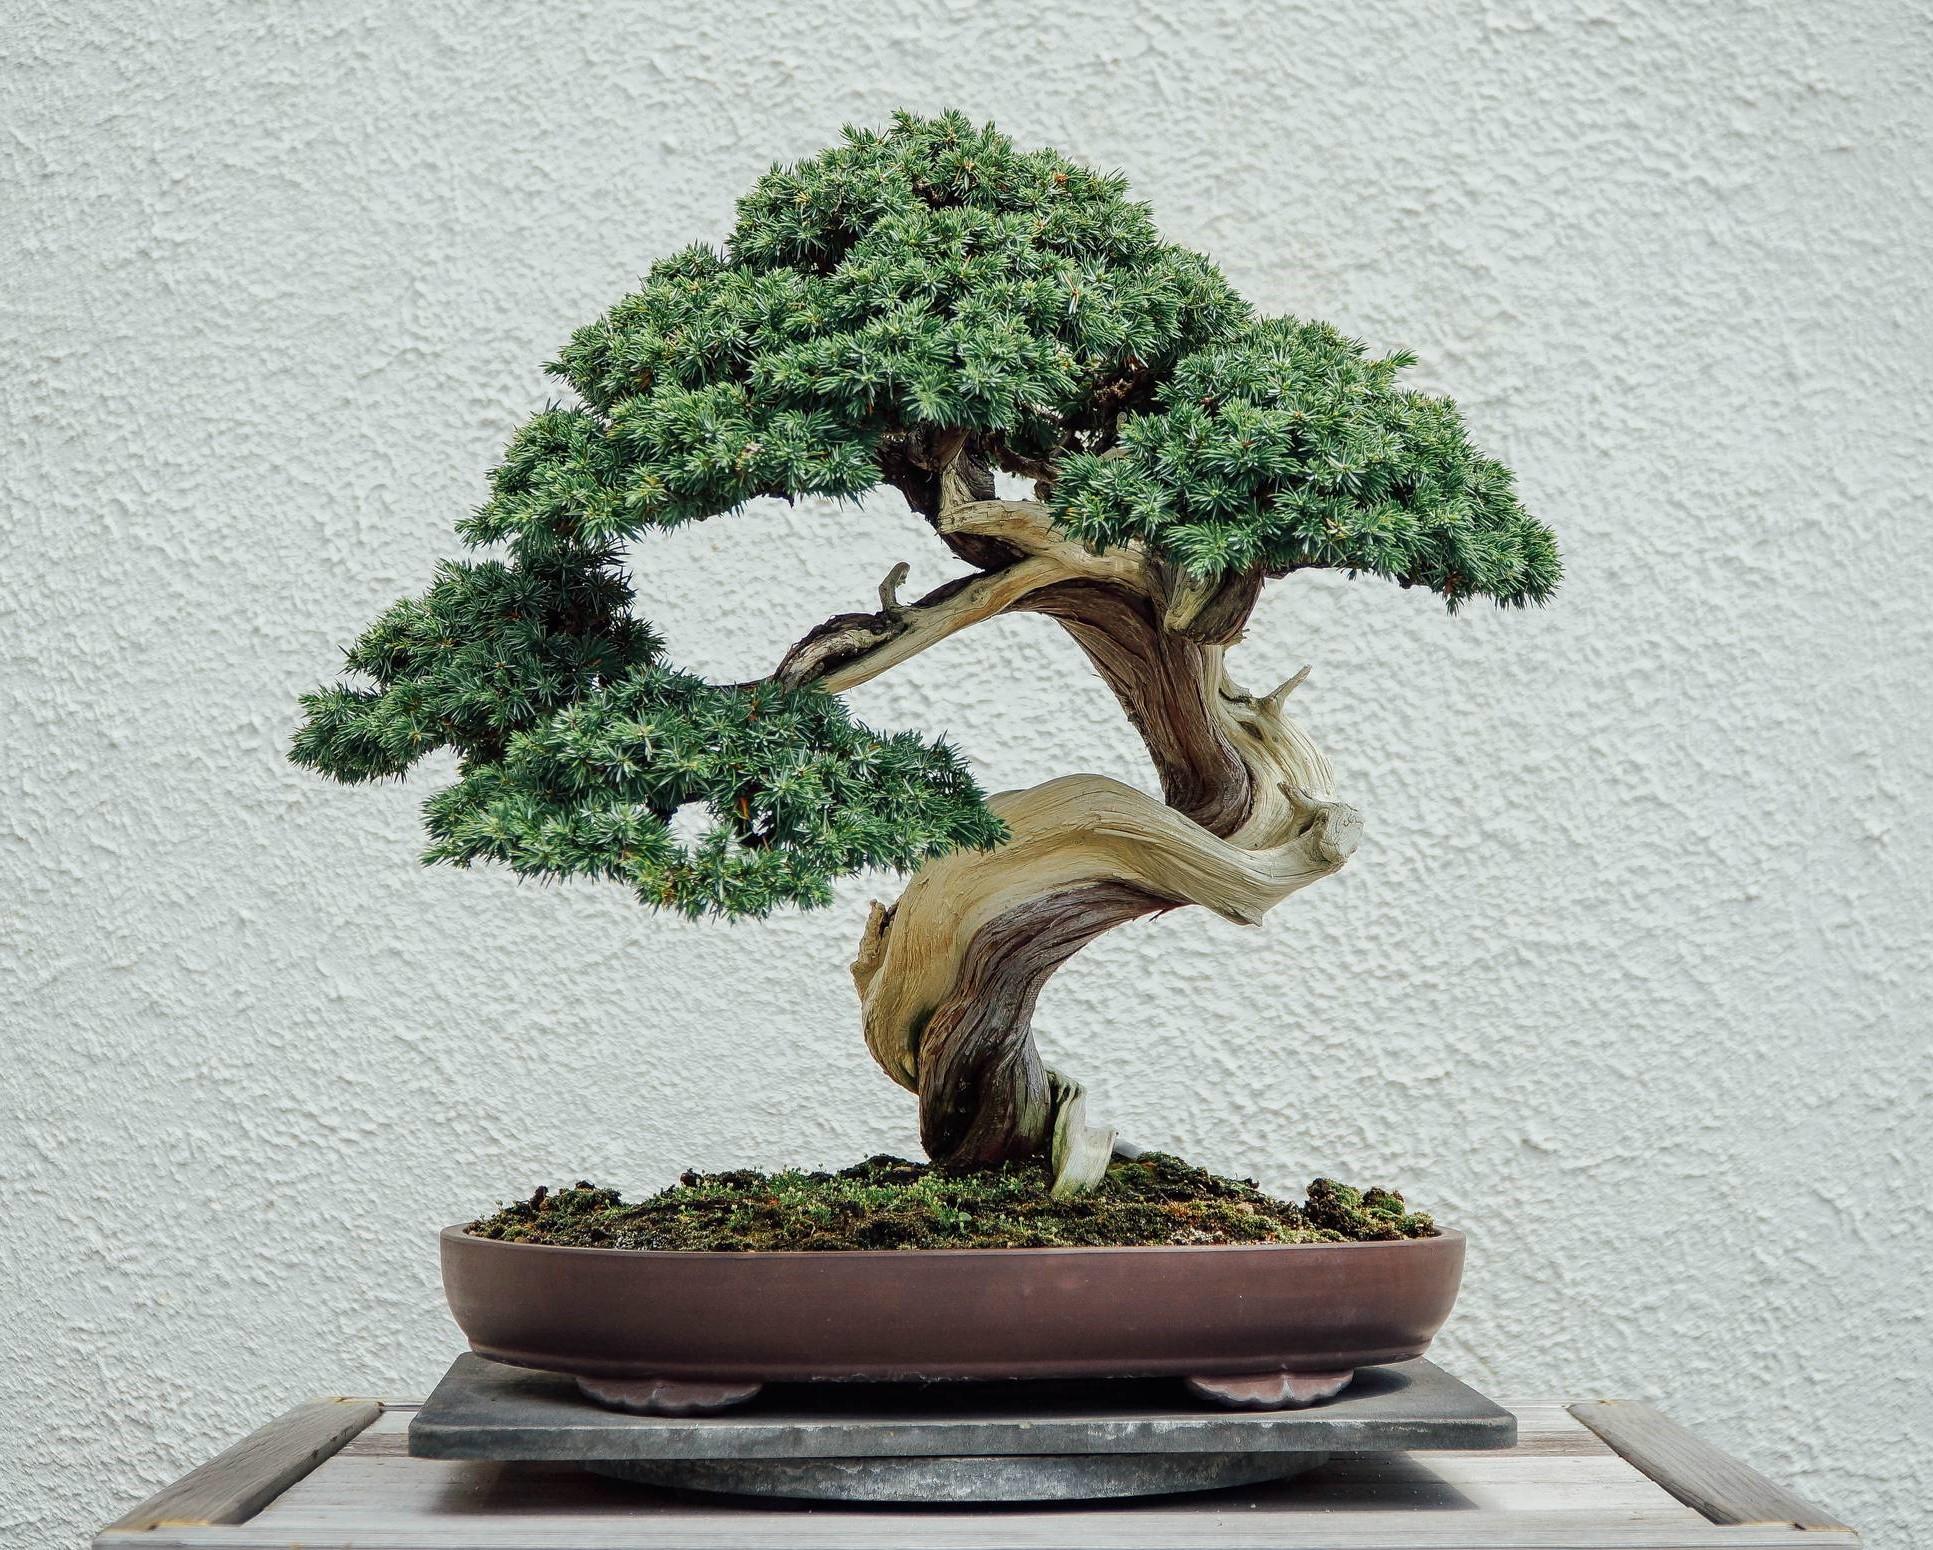 Le bonsaï est l'art de rapetisser un arbre ordinaire pour créer une représentation miniature parfaite dans un petit pot.